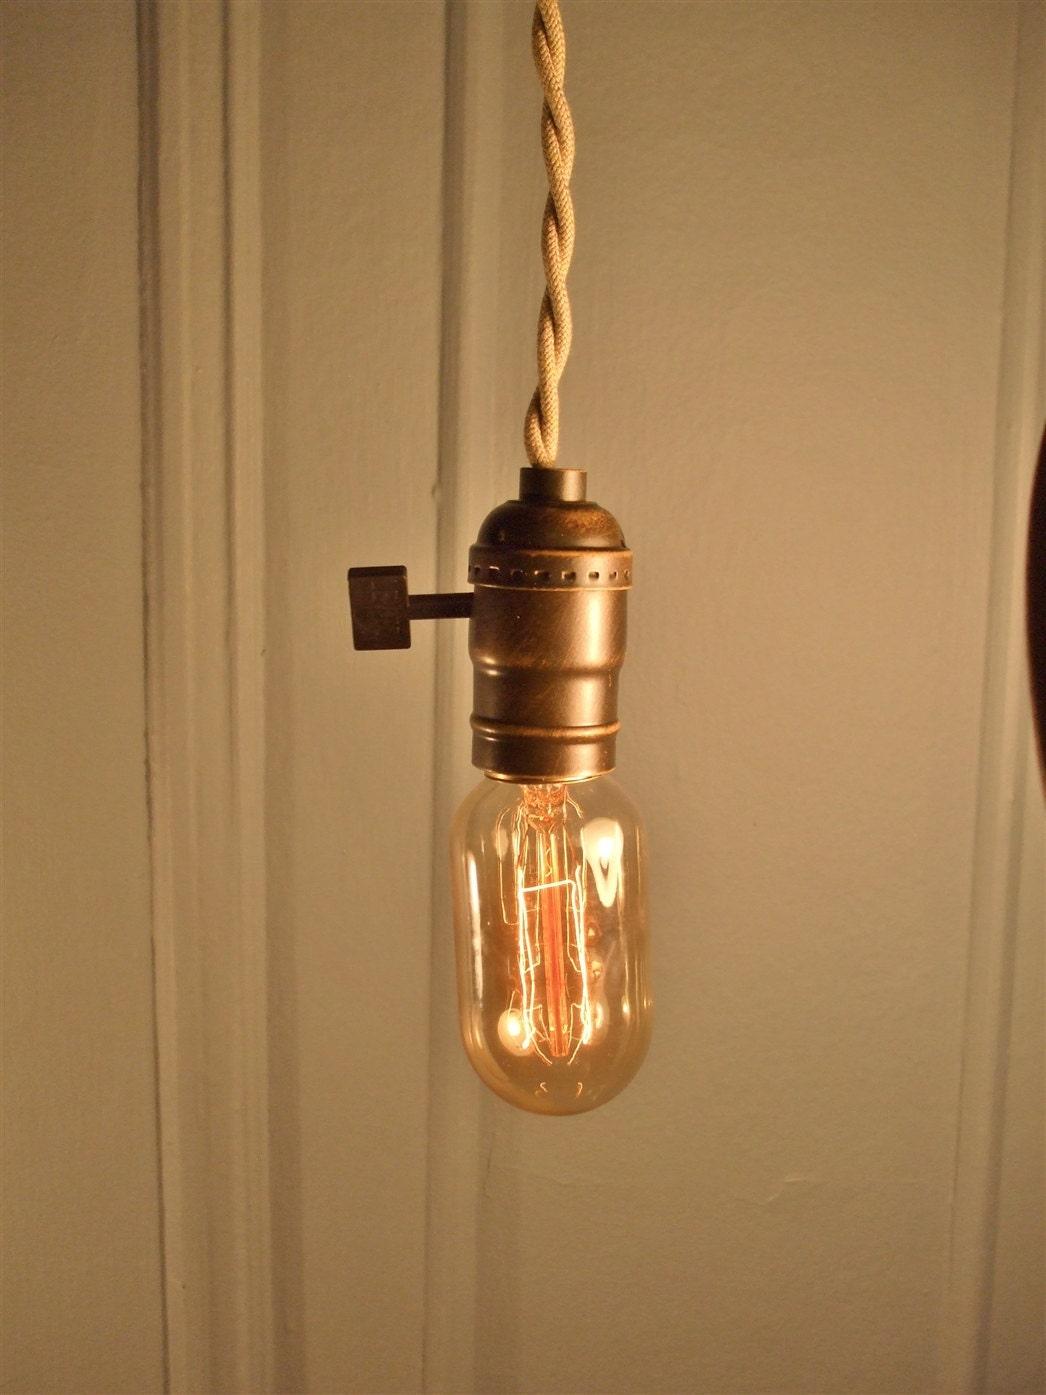 zoom bare bulb lighting